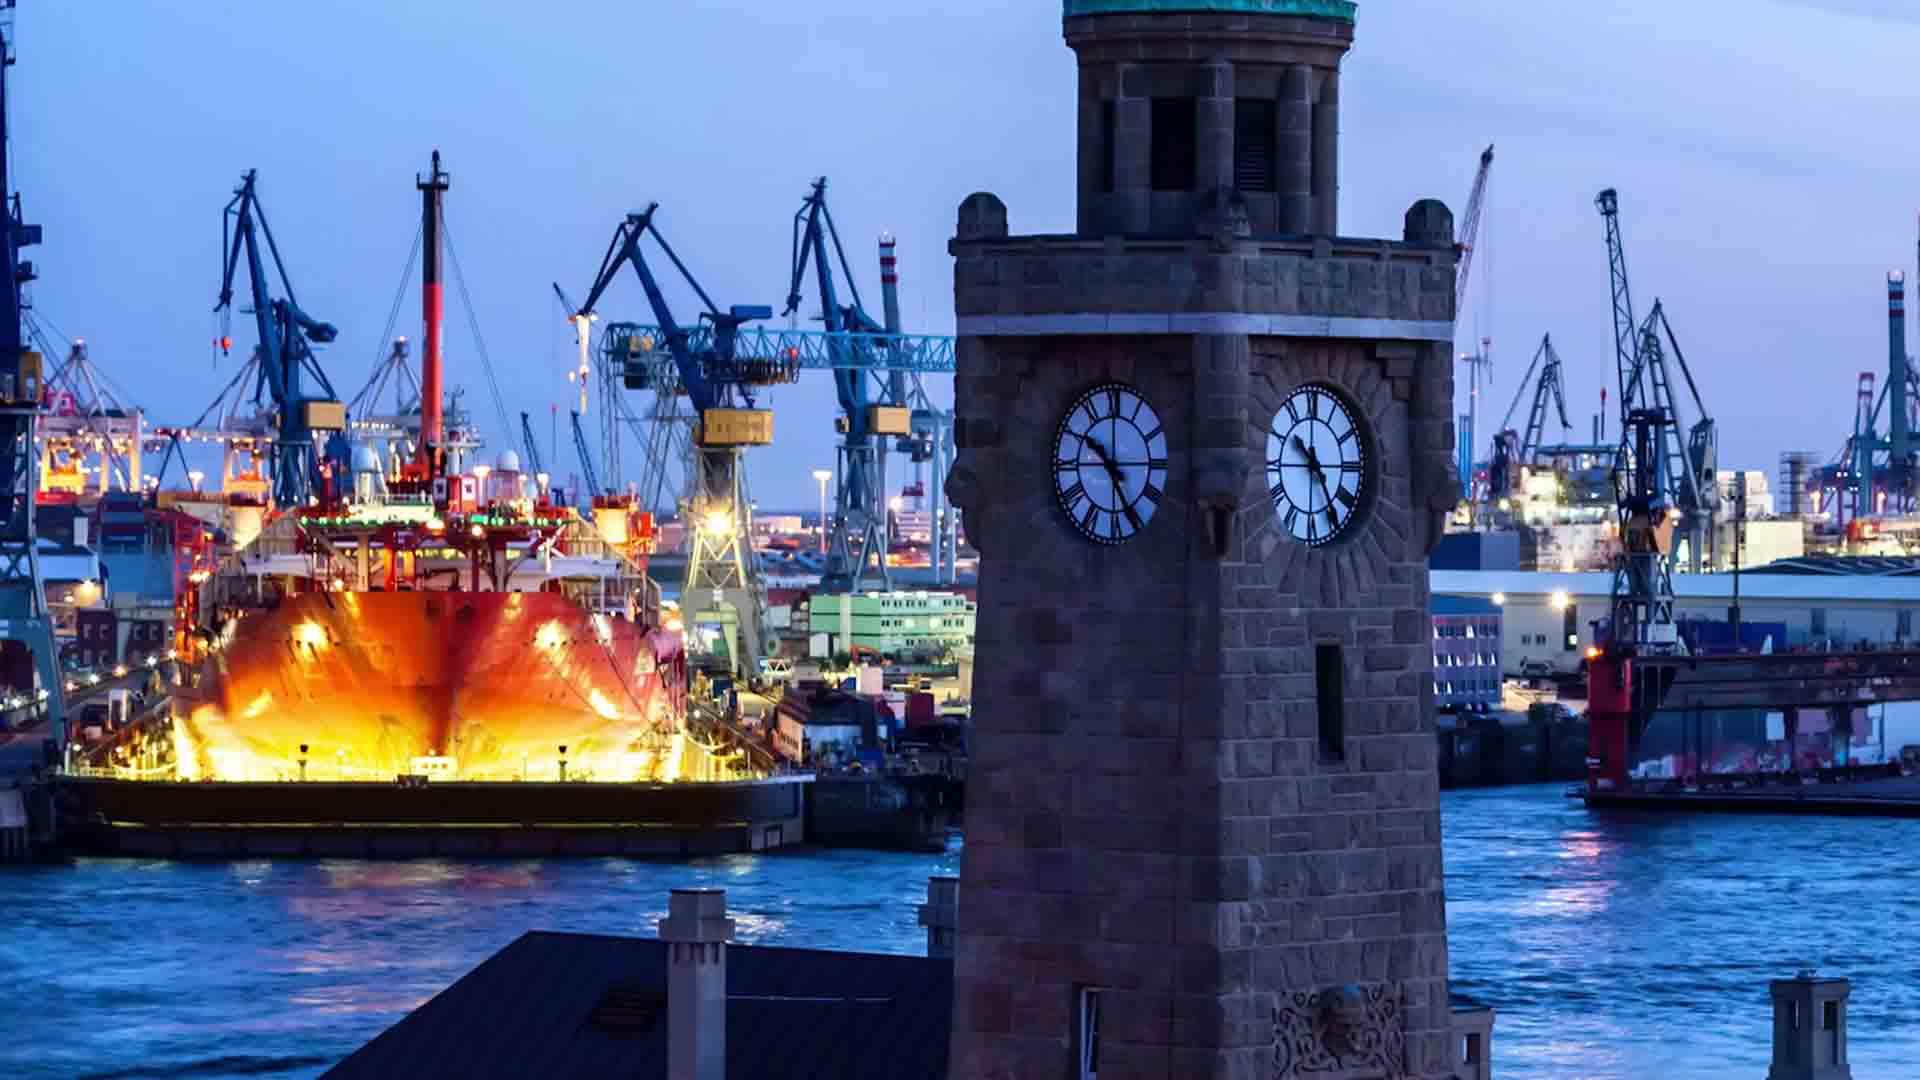 Das Bild zeigt einen Kirchturm. Dieser trägt eine Uhr. Dahinter sieht man einen Hafen. In dem Hafen stehen viele Schiffe und Kräne. Sie sind beleuchtet, da es Abend ist. Das Bild dient als Sliderbild für den Portfolioeintrag SupplyOn - Supply Chain Management Imagefilm von Panda Pictures.